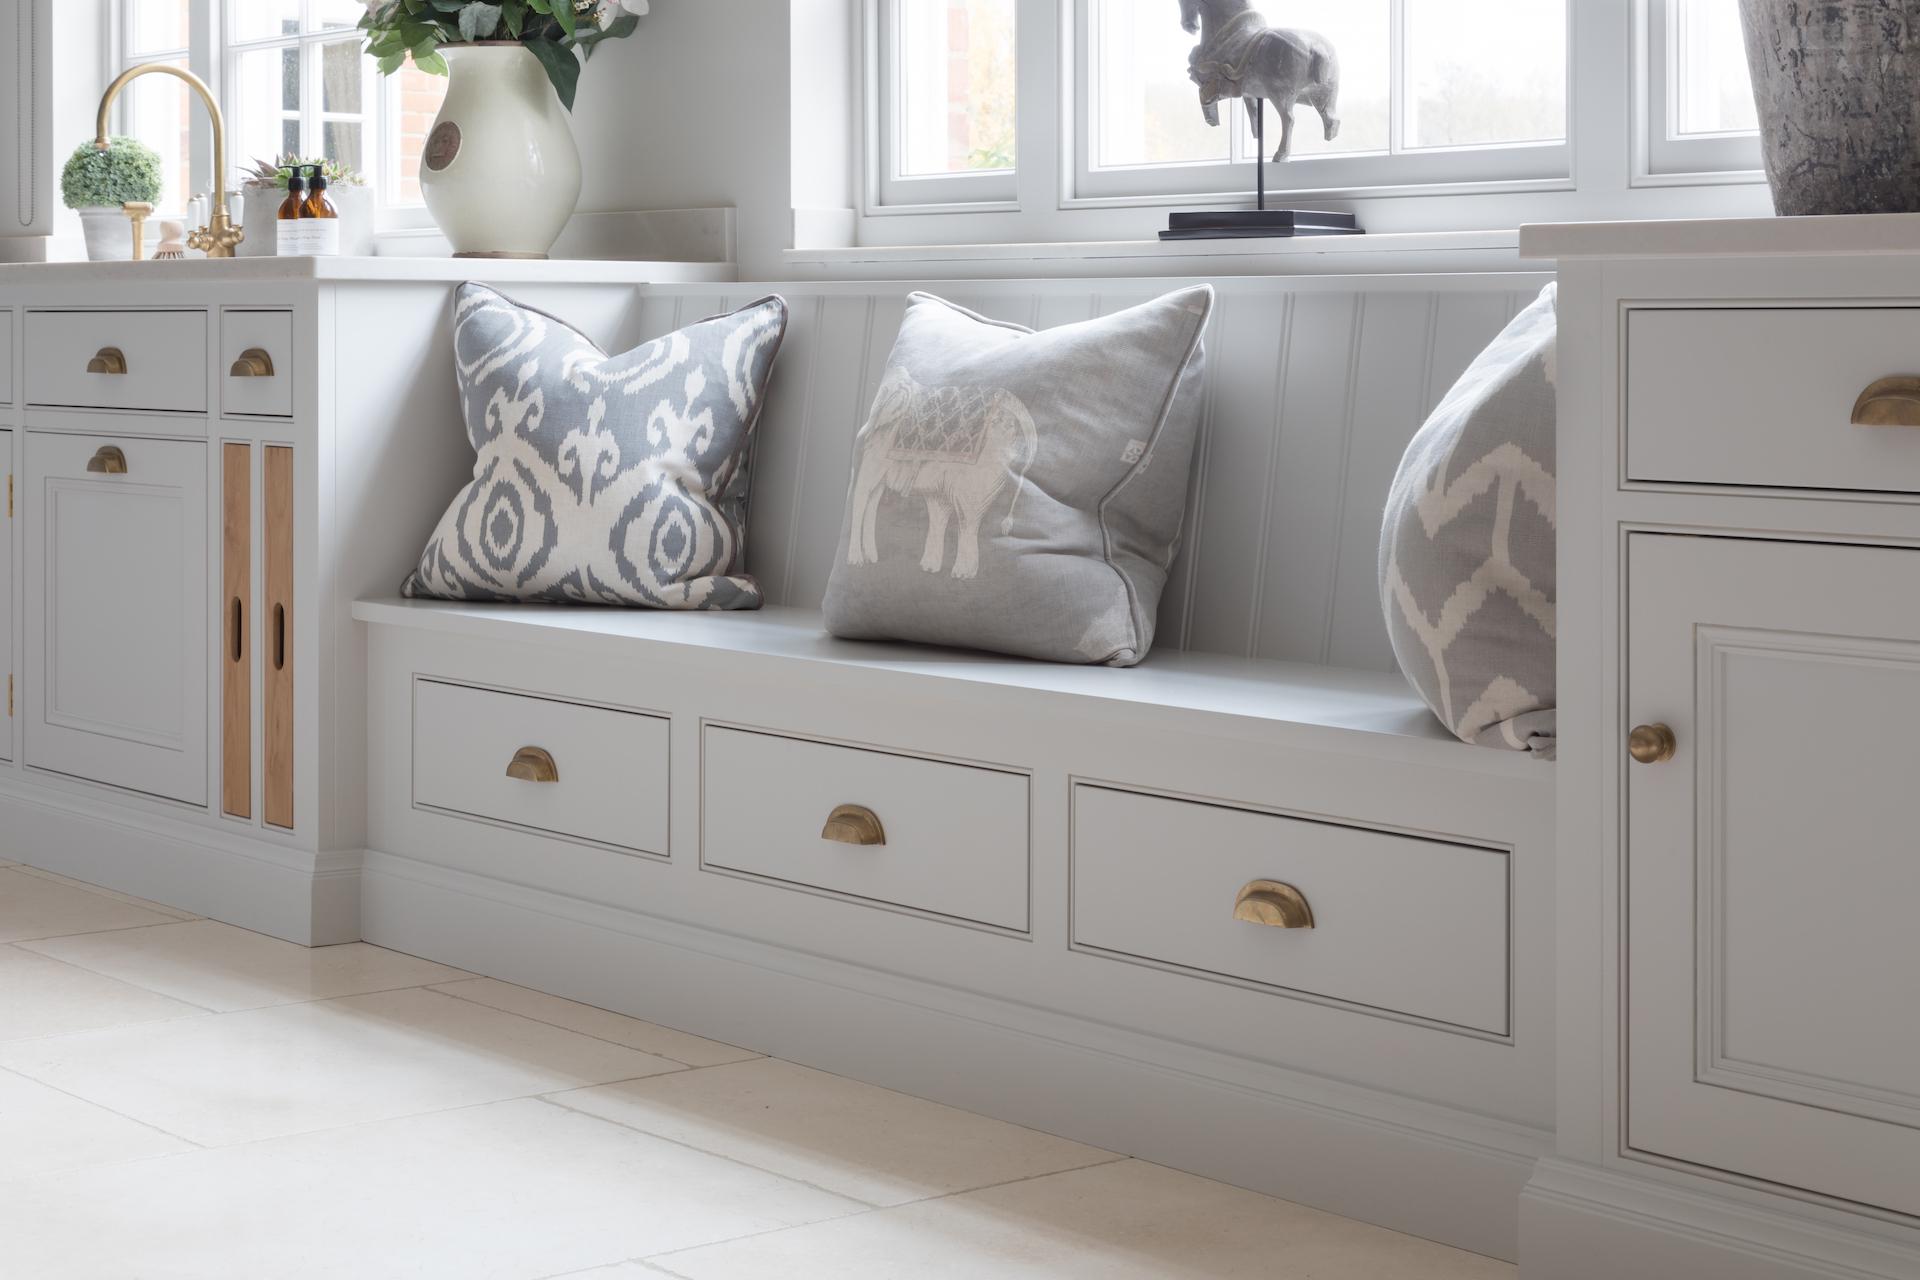 Bench Seat - Cranbrook project - Design Notes - Humphrey Munson